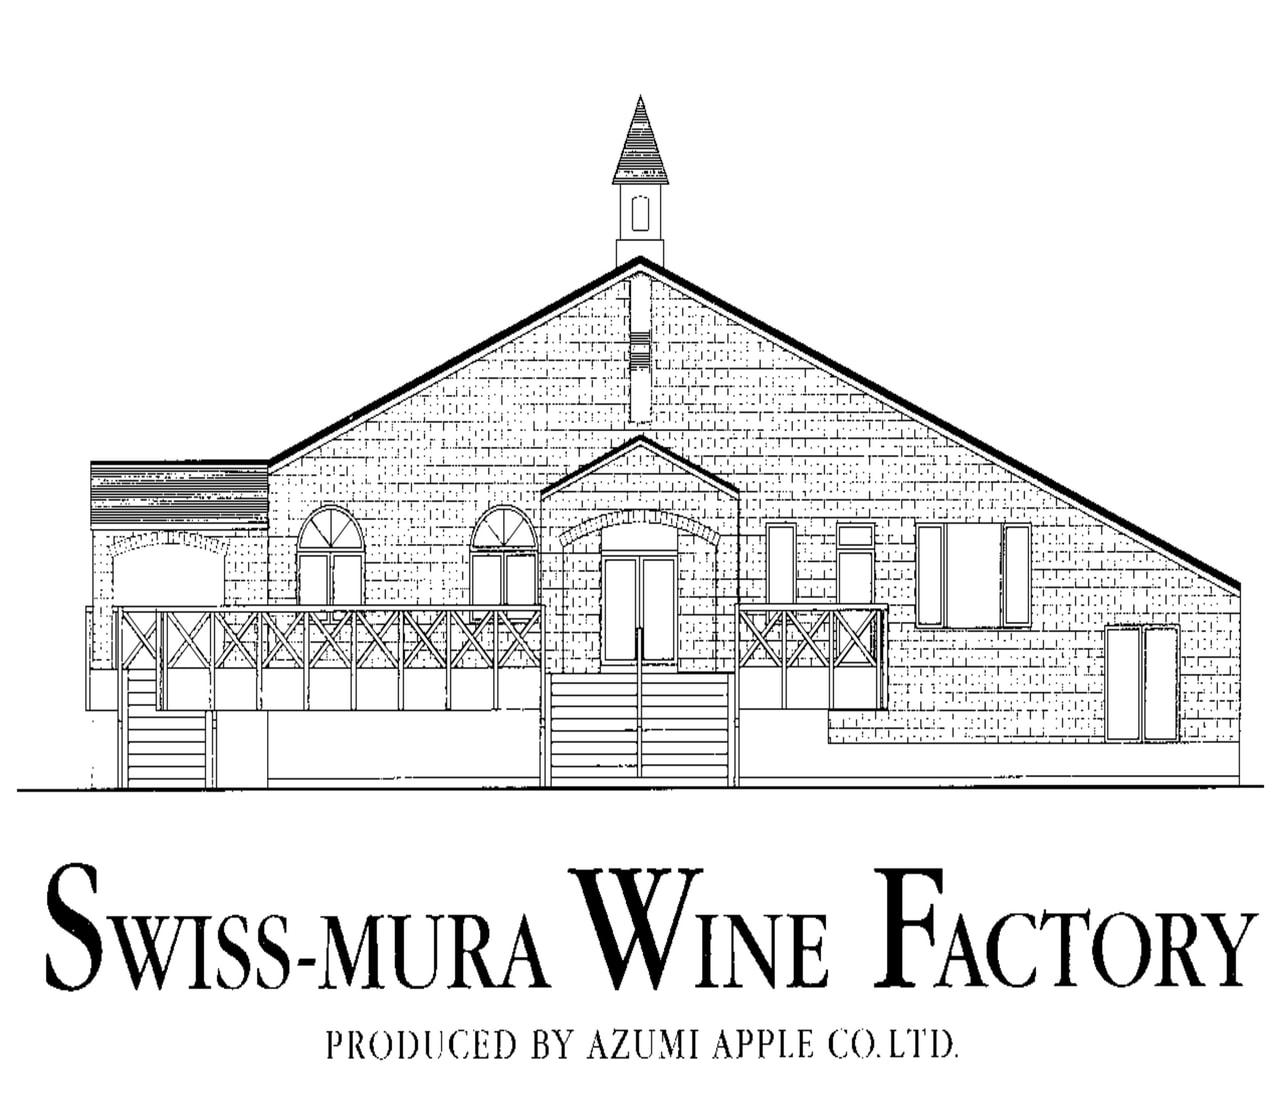 Swiss-Mura Winery Azumi Apple